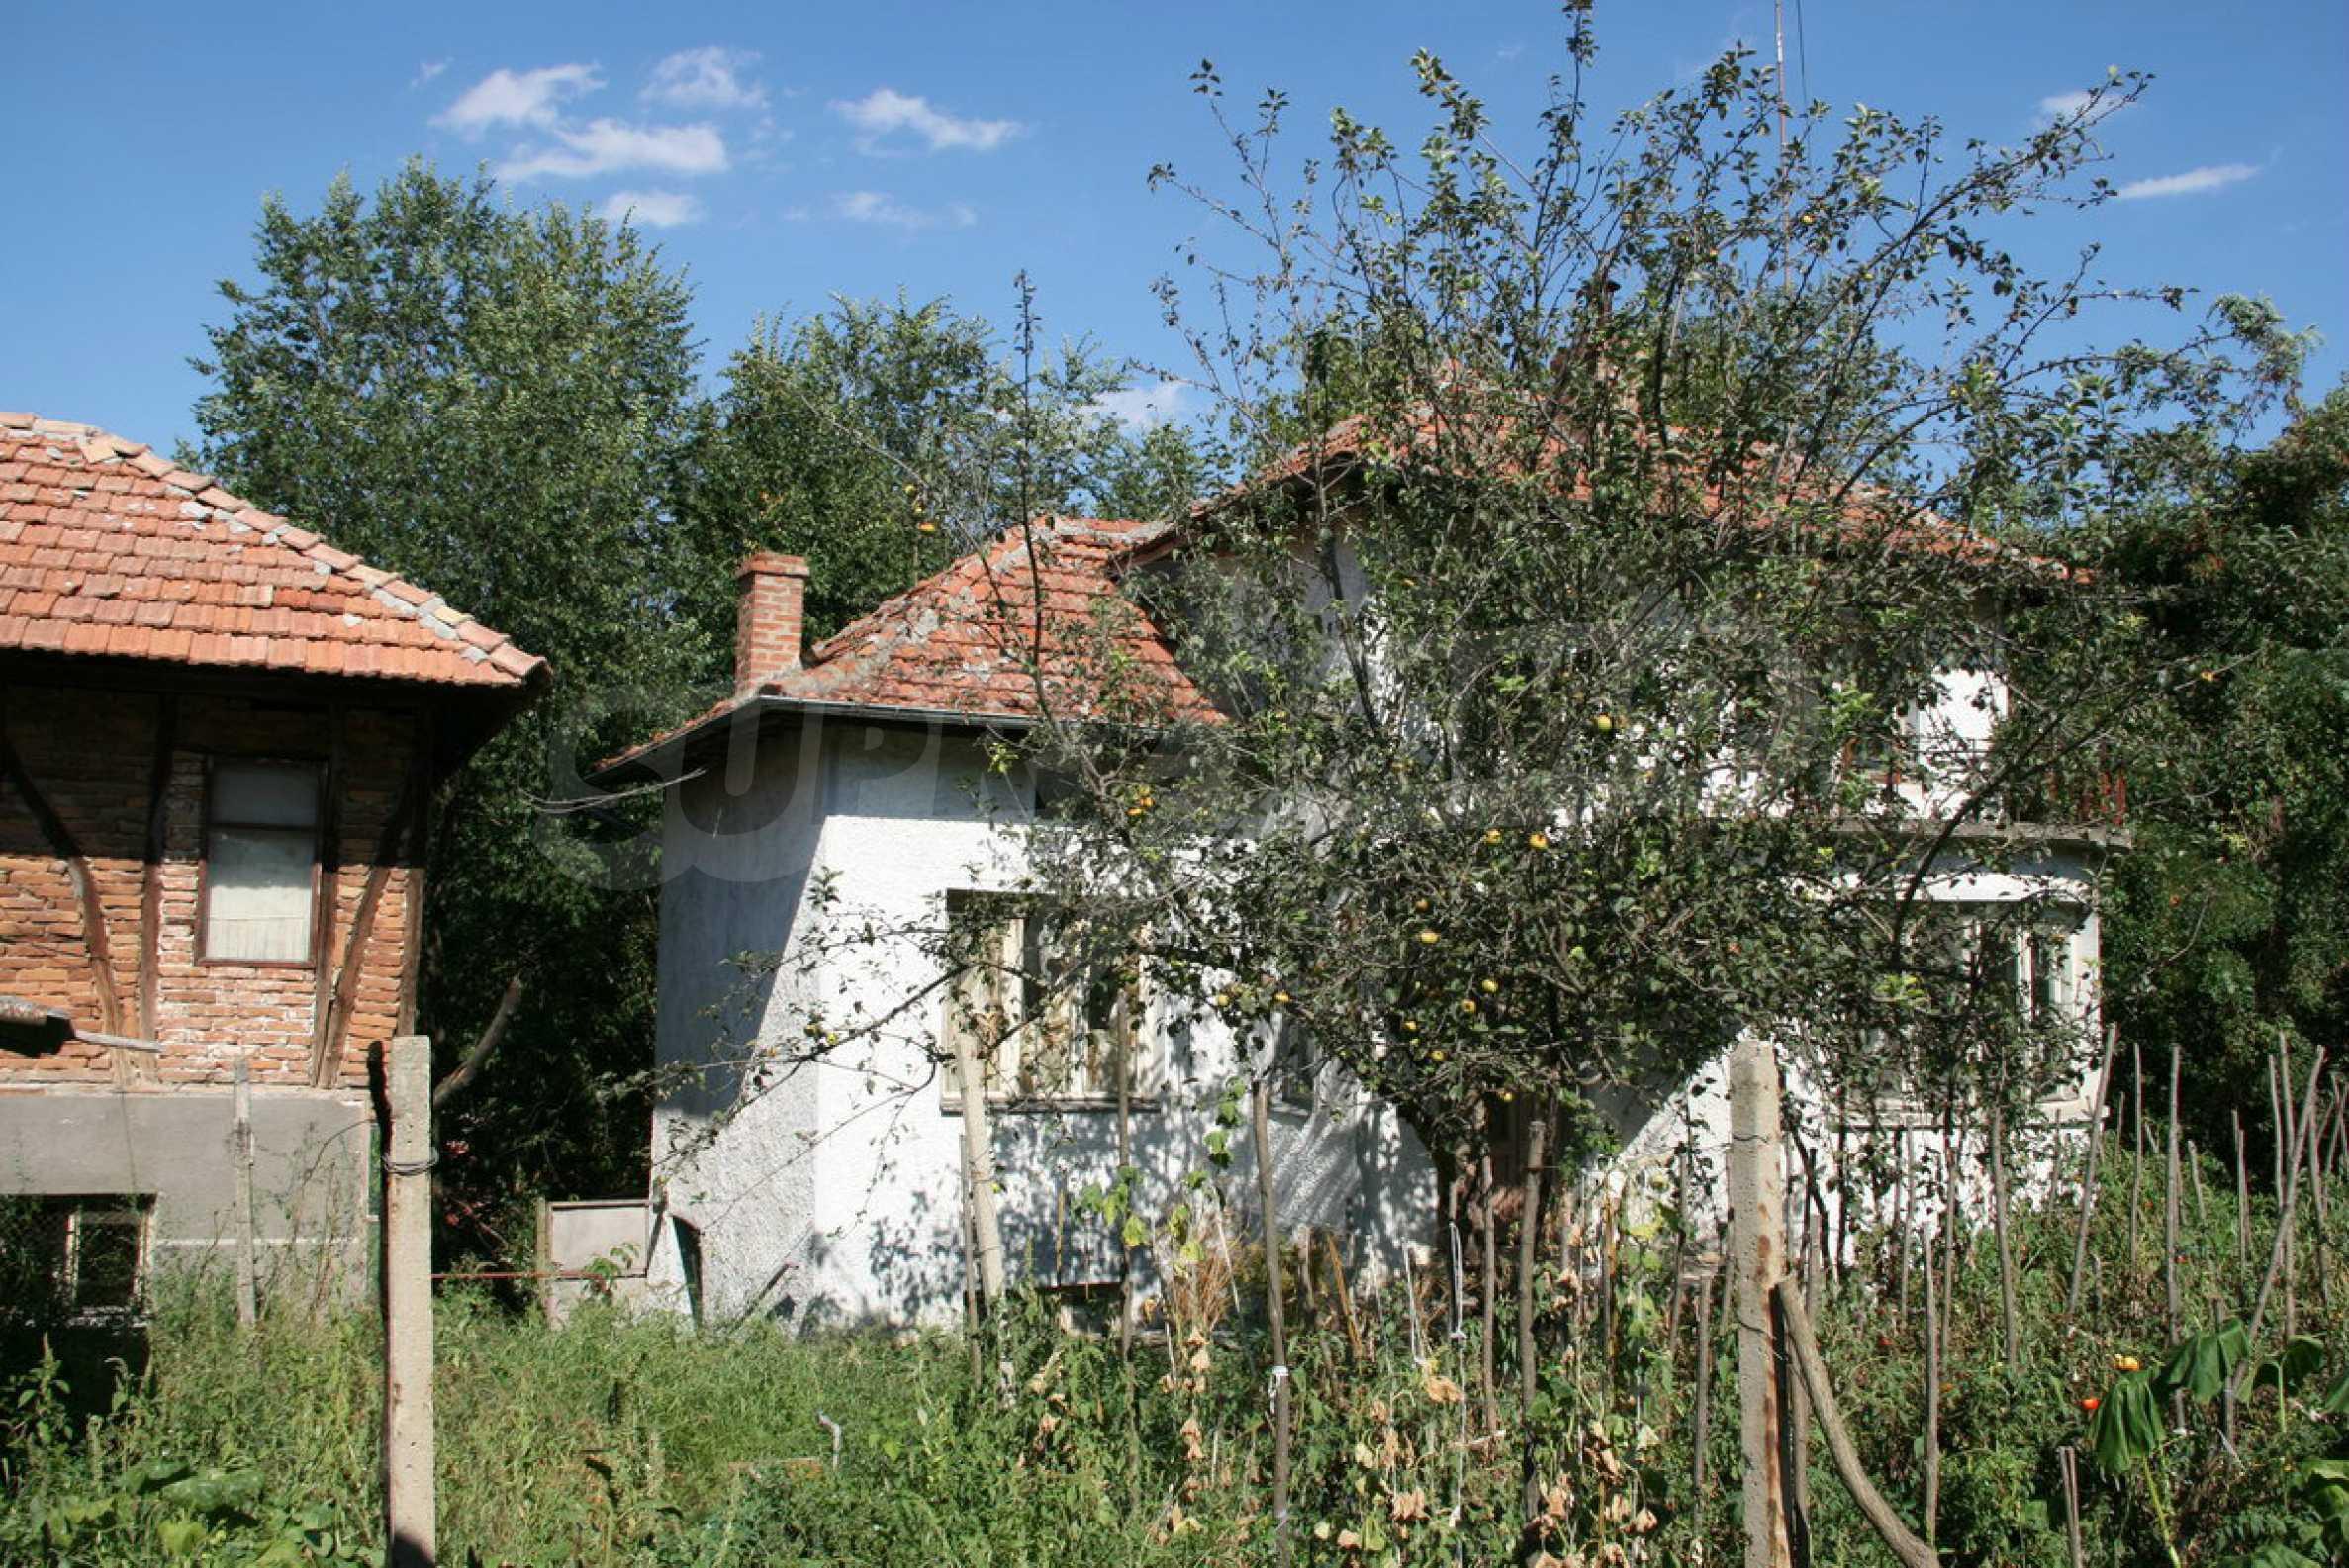 Двуетажна къща с двор в село на 28 км от град Ловеч  3